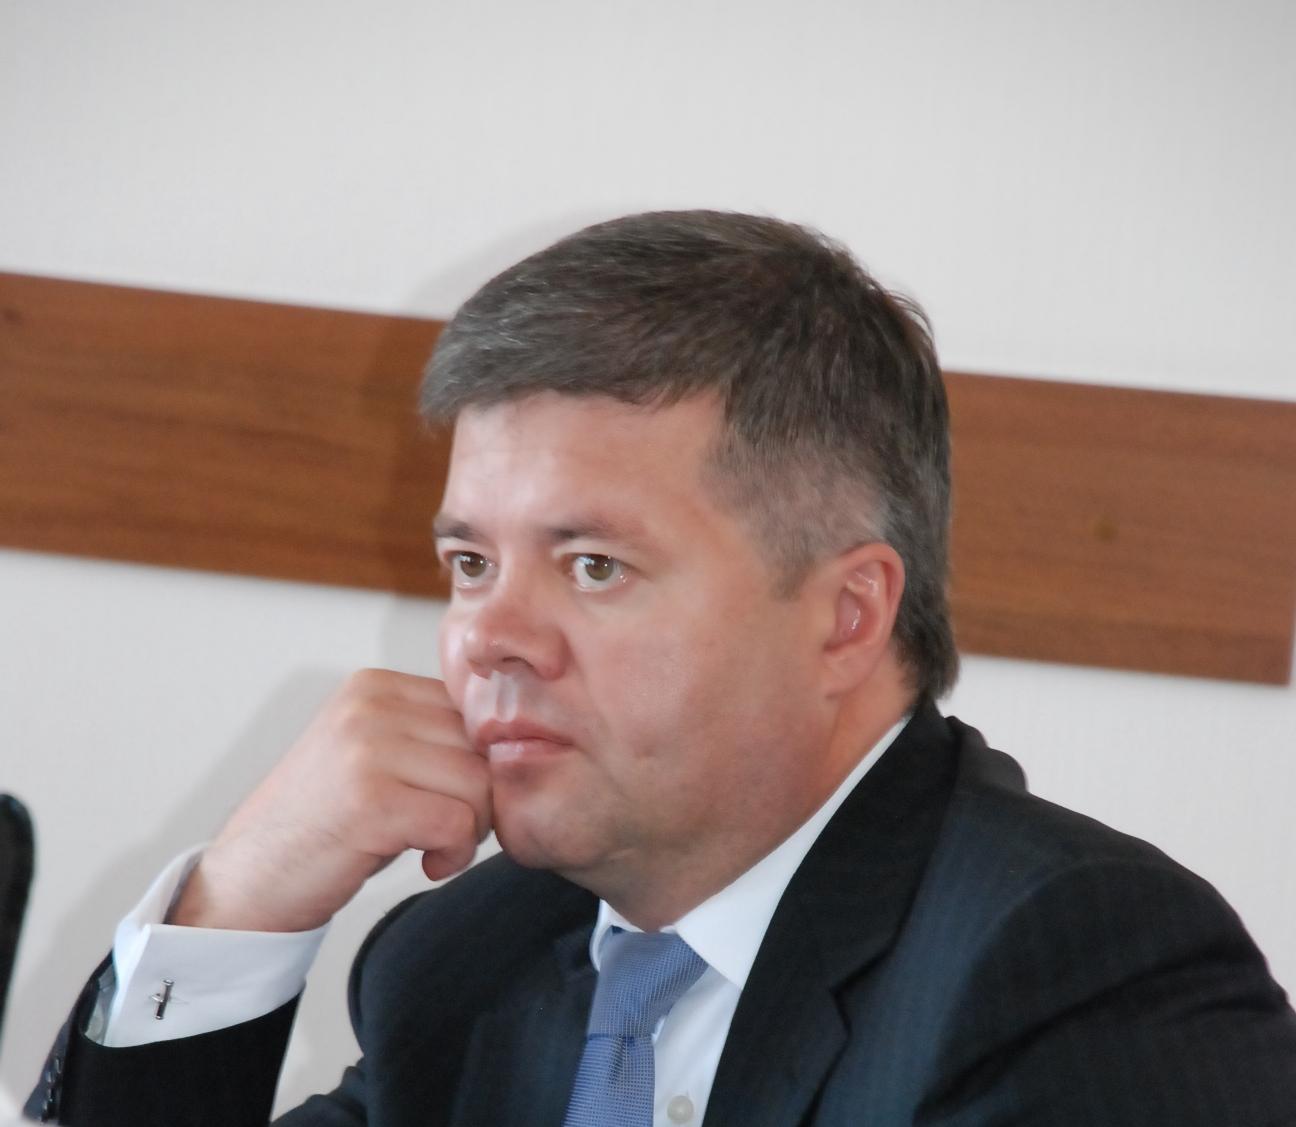 Как считает председатель гордумы Станислав Мошаров, это одно из самых важных решений, принятых се